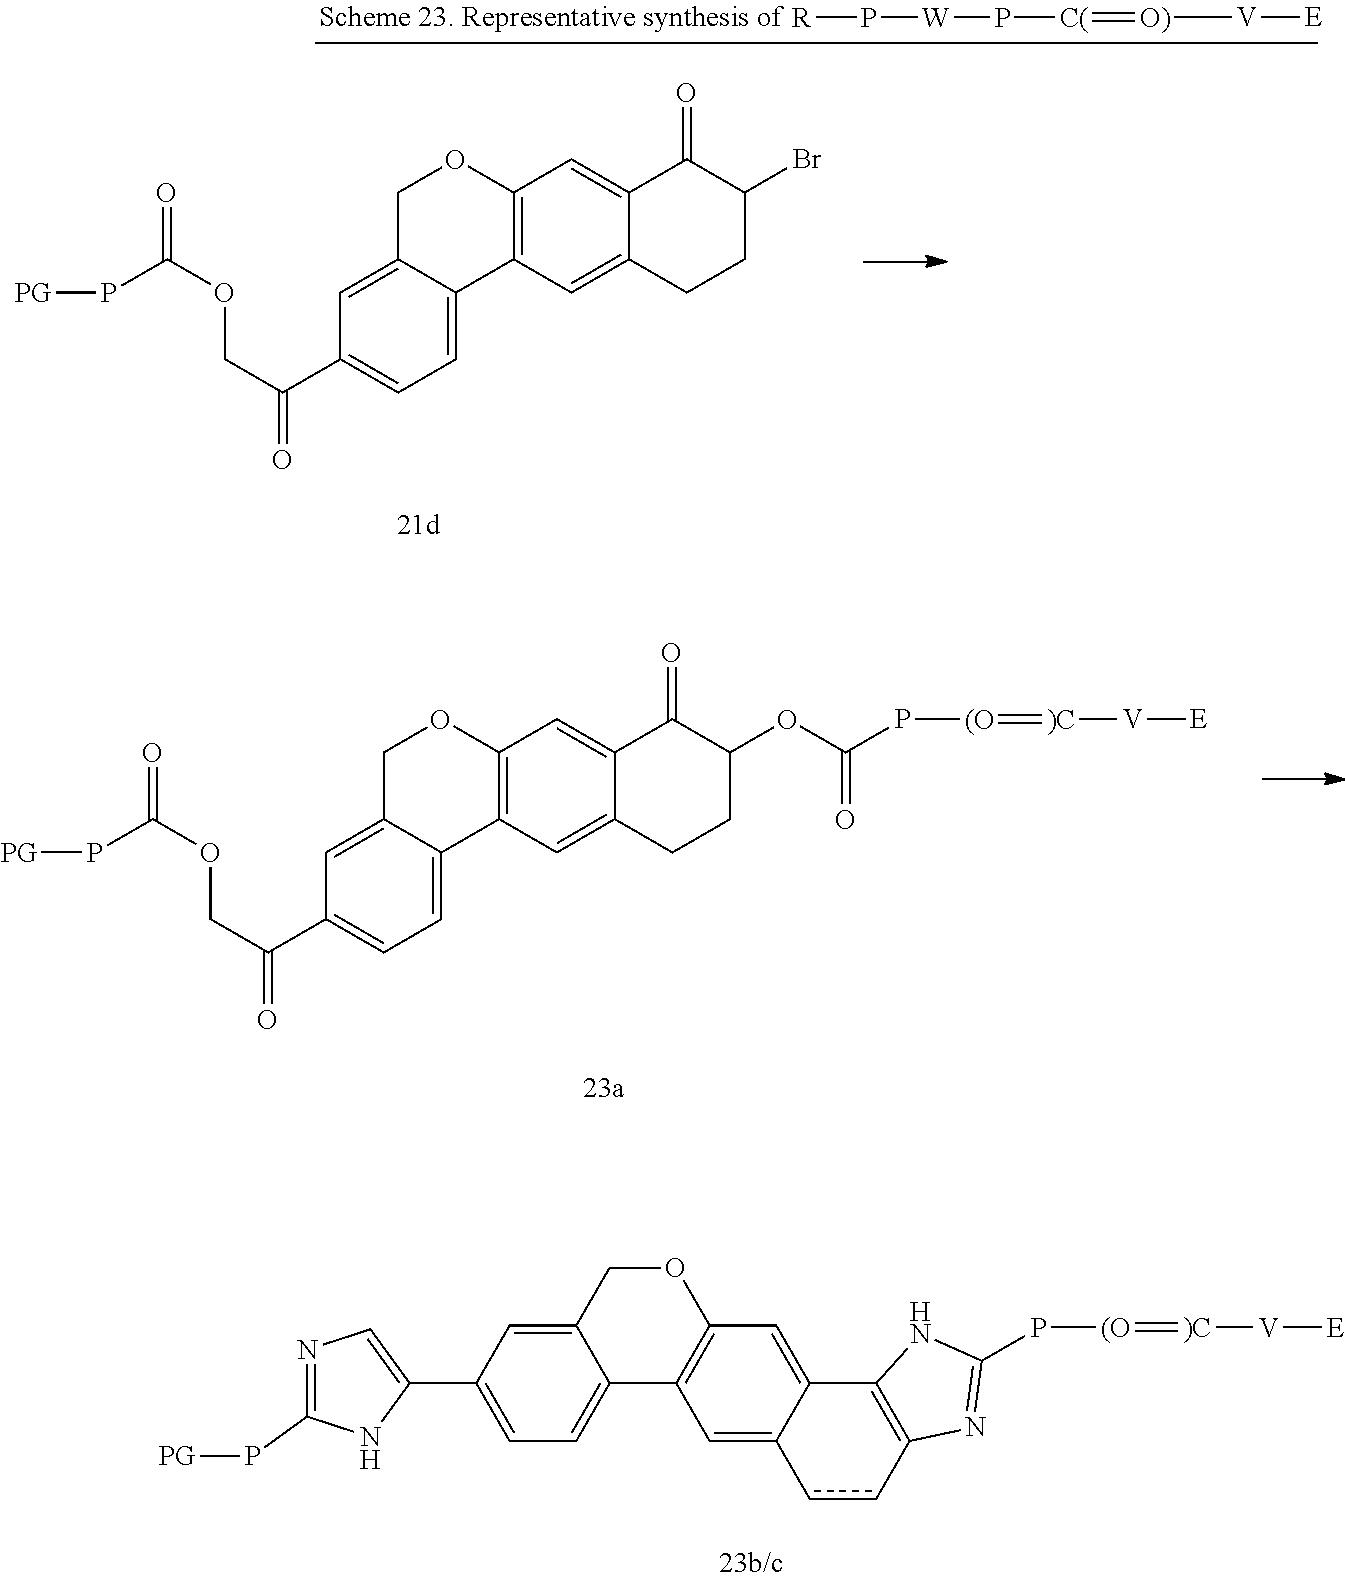 Figure US09868745-20180116-C00027